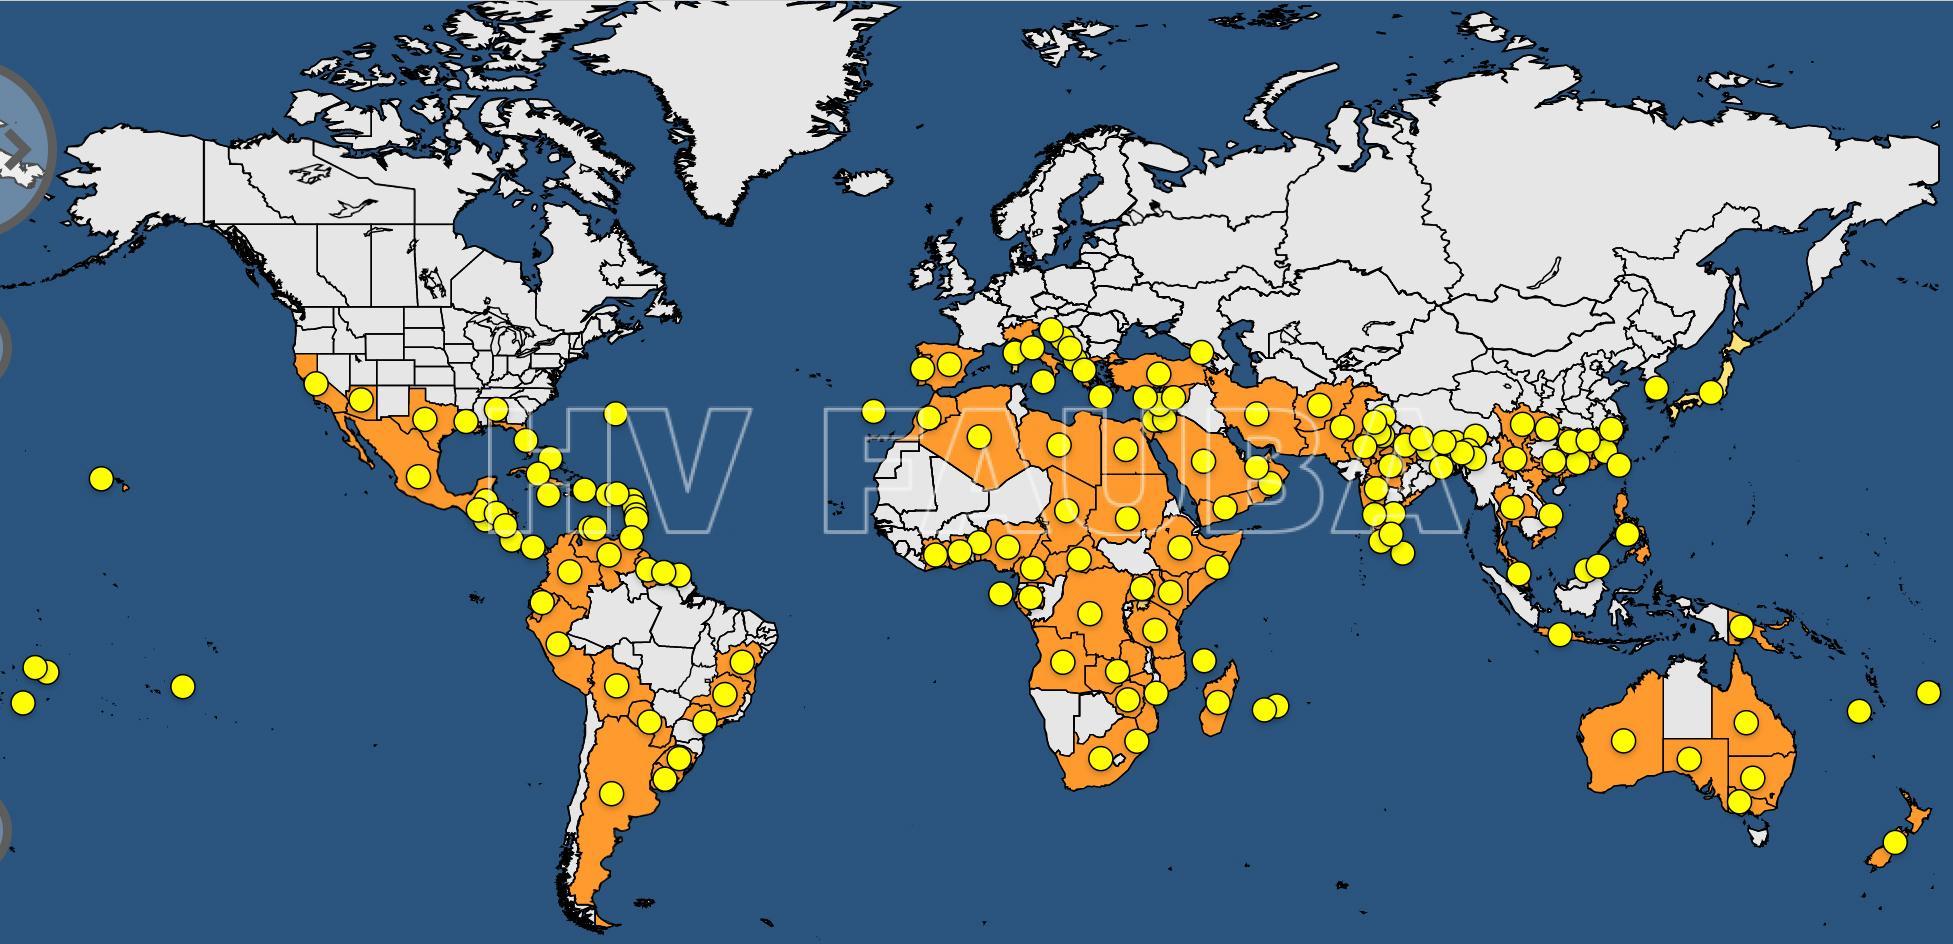 Distribución mundial de CTV. Fuente: EPPO